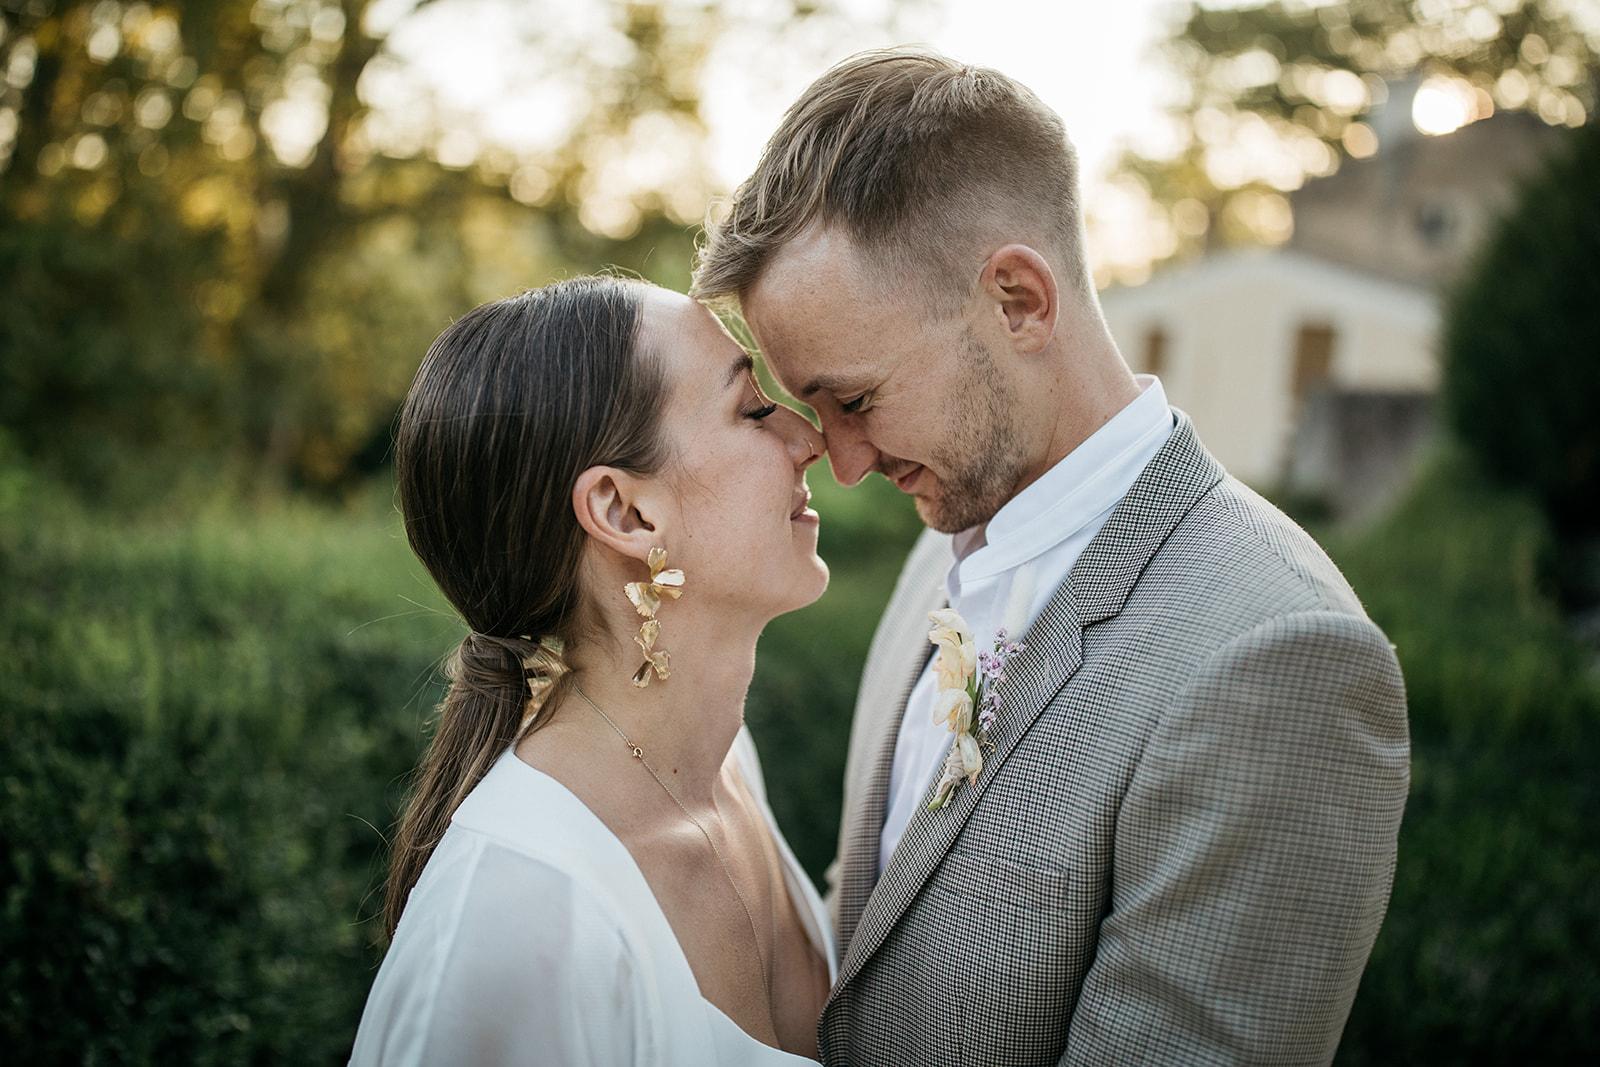 797-Lifestories-Wedding-Marylou-Chris-20